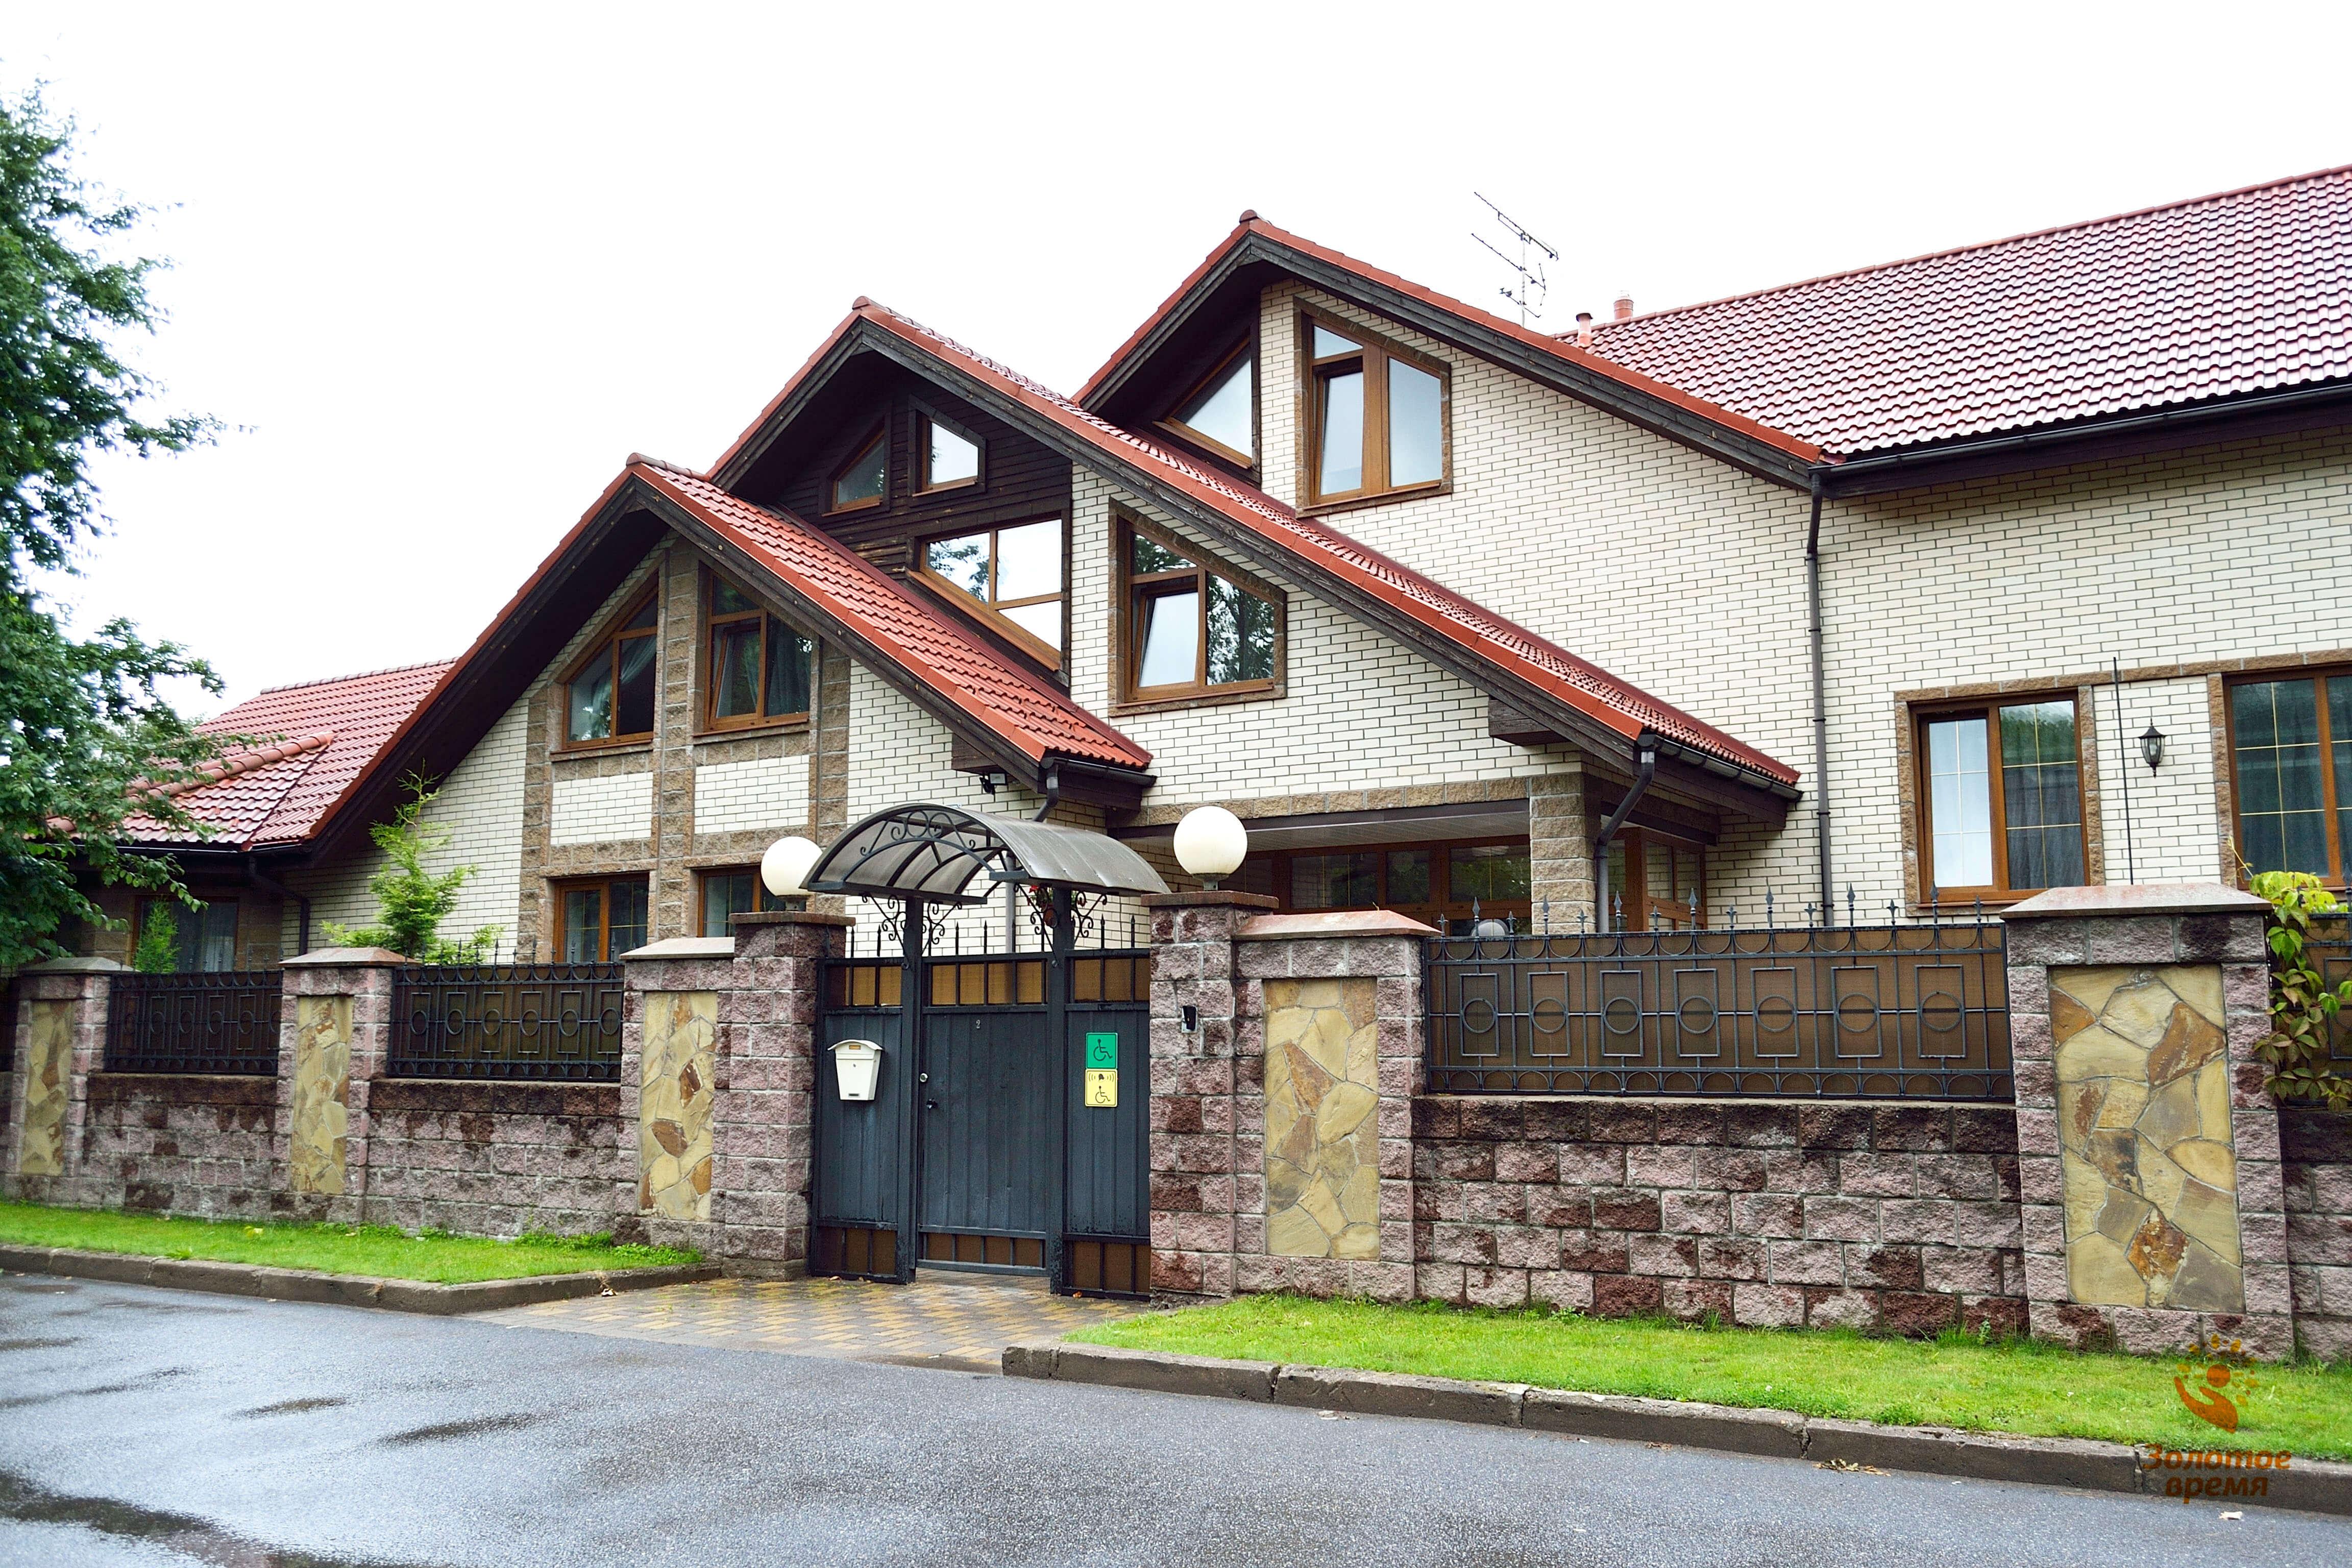 Частные пансионы для престарелых в санкт-петербурге дом для престарелых в белебеевском районе